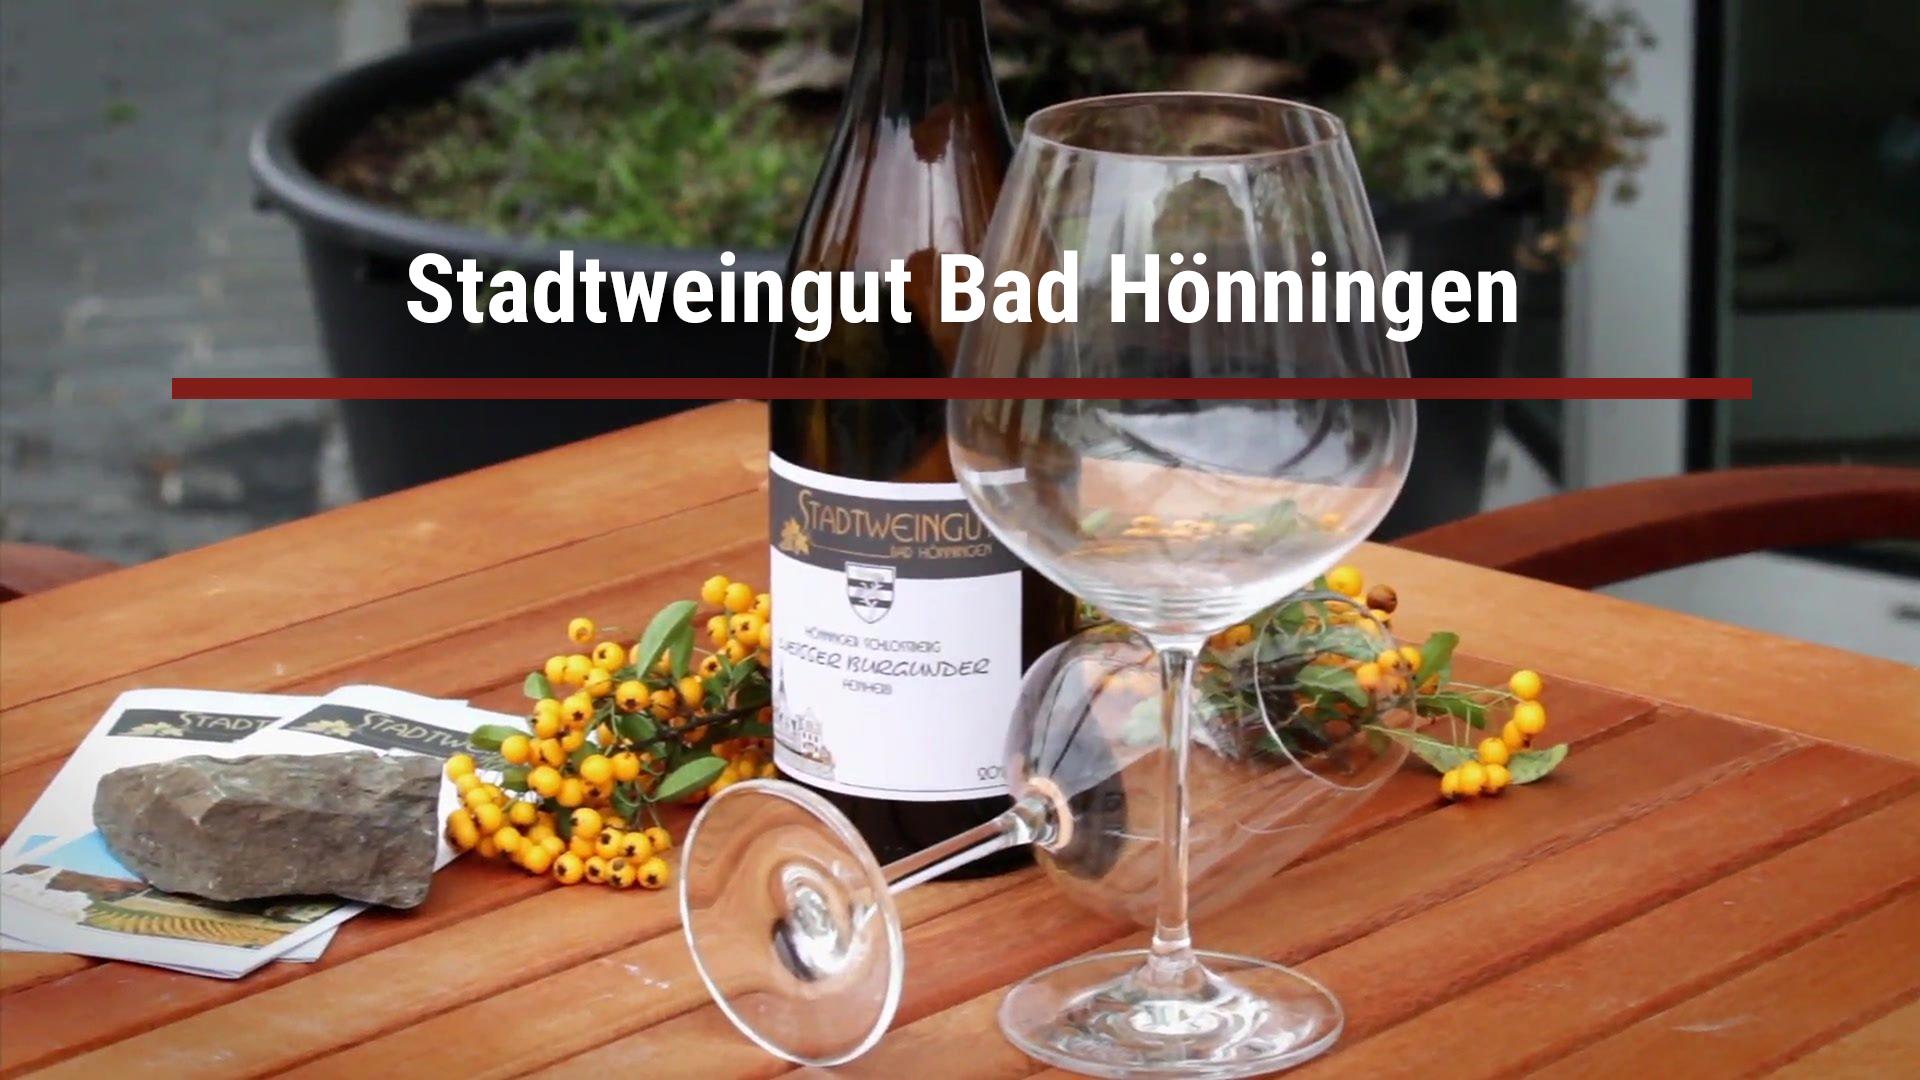 City winery Bad Hönningen